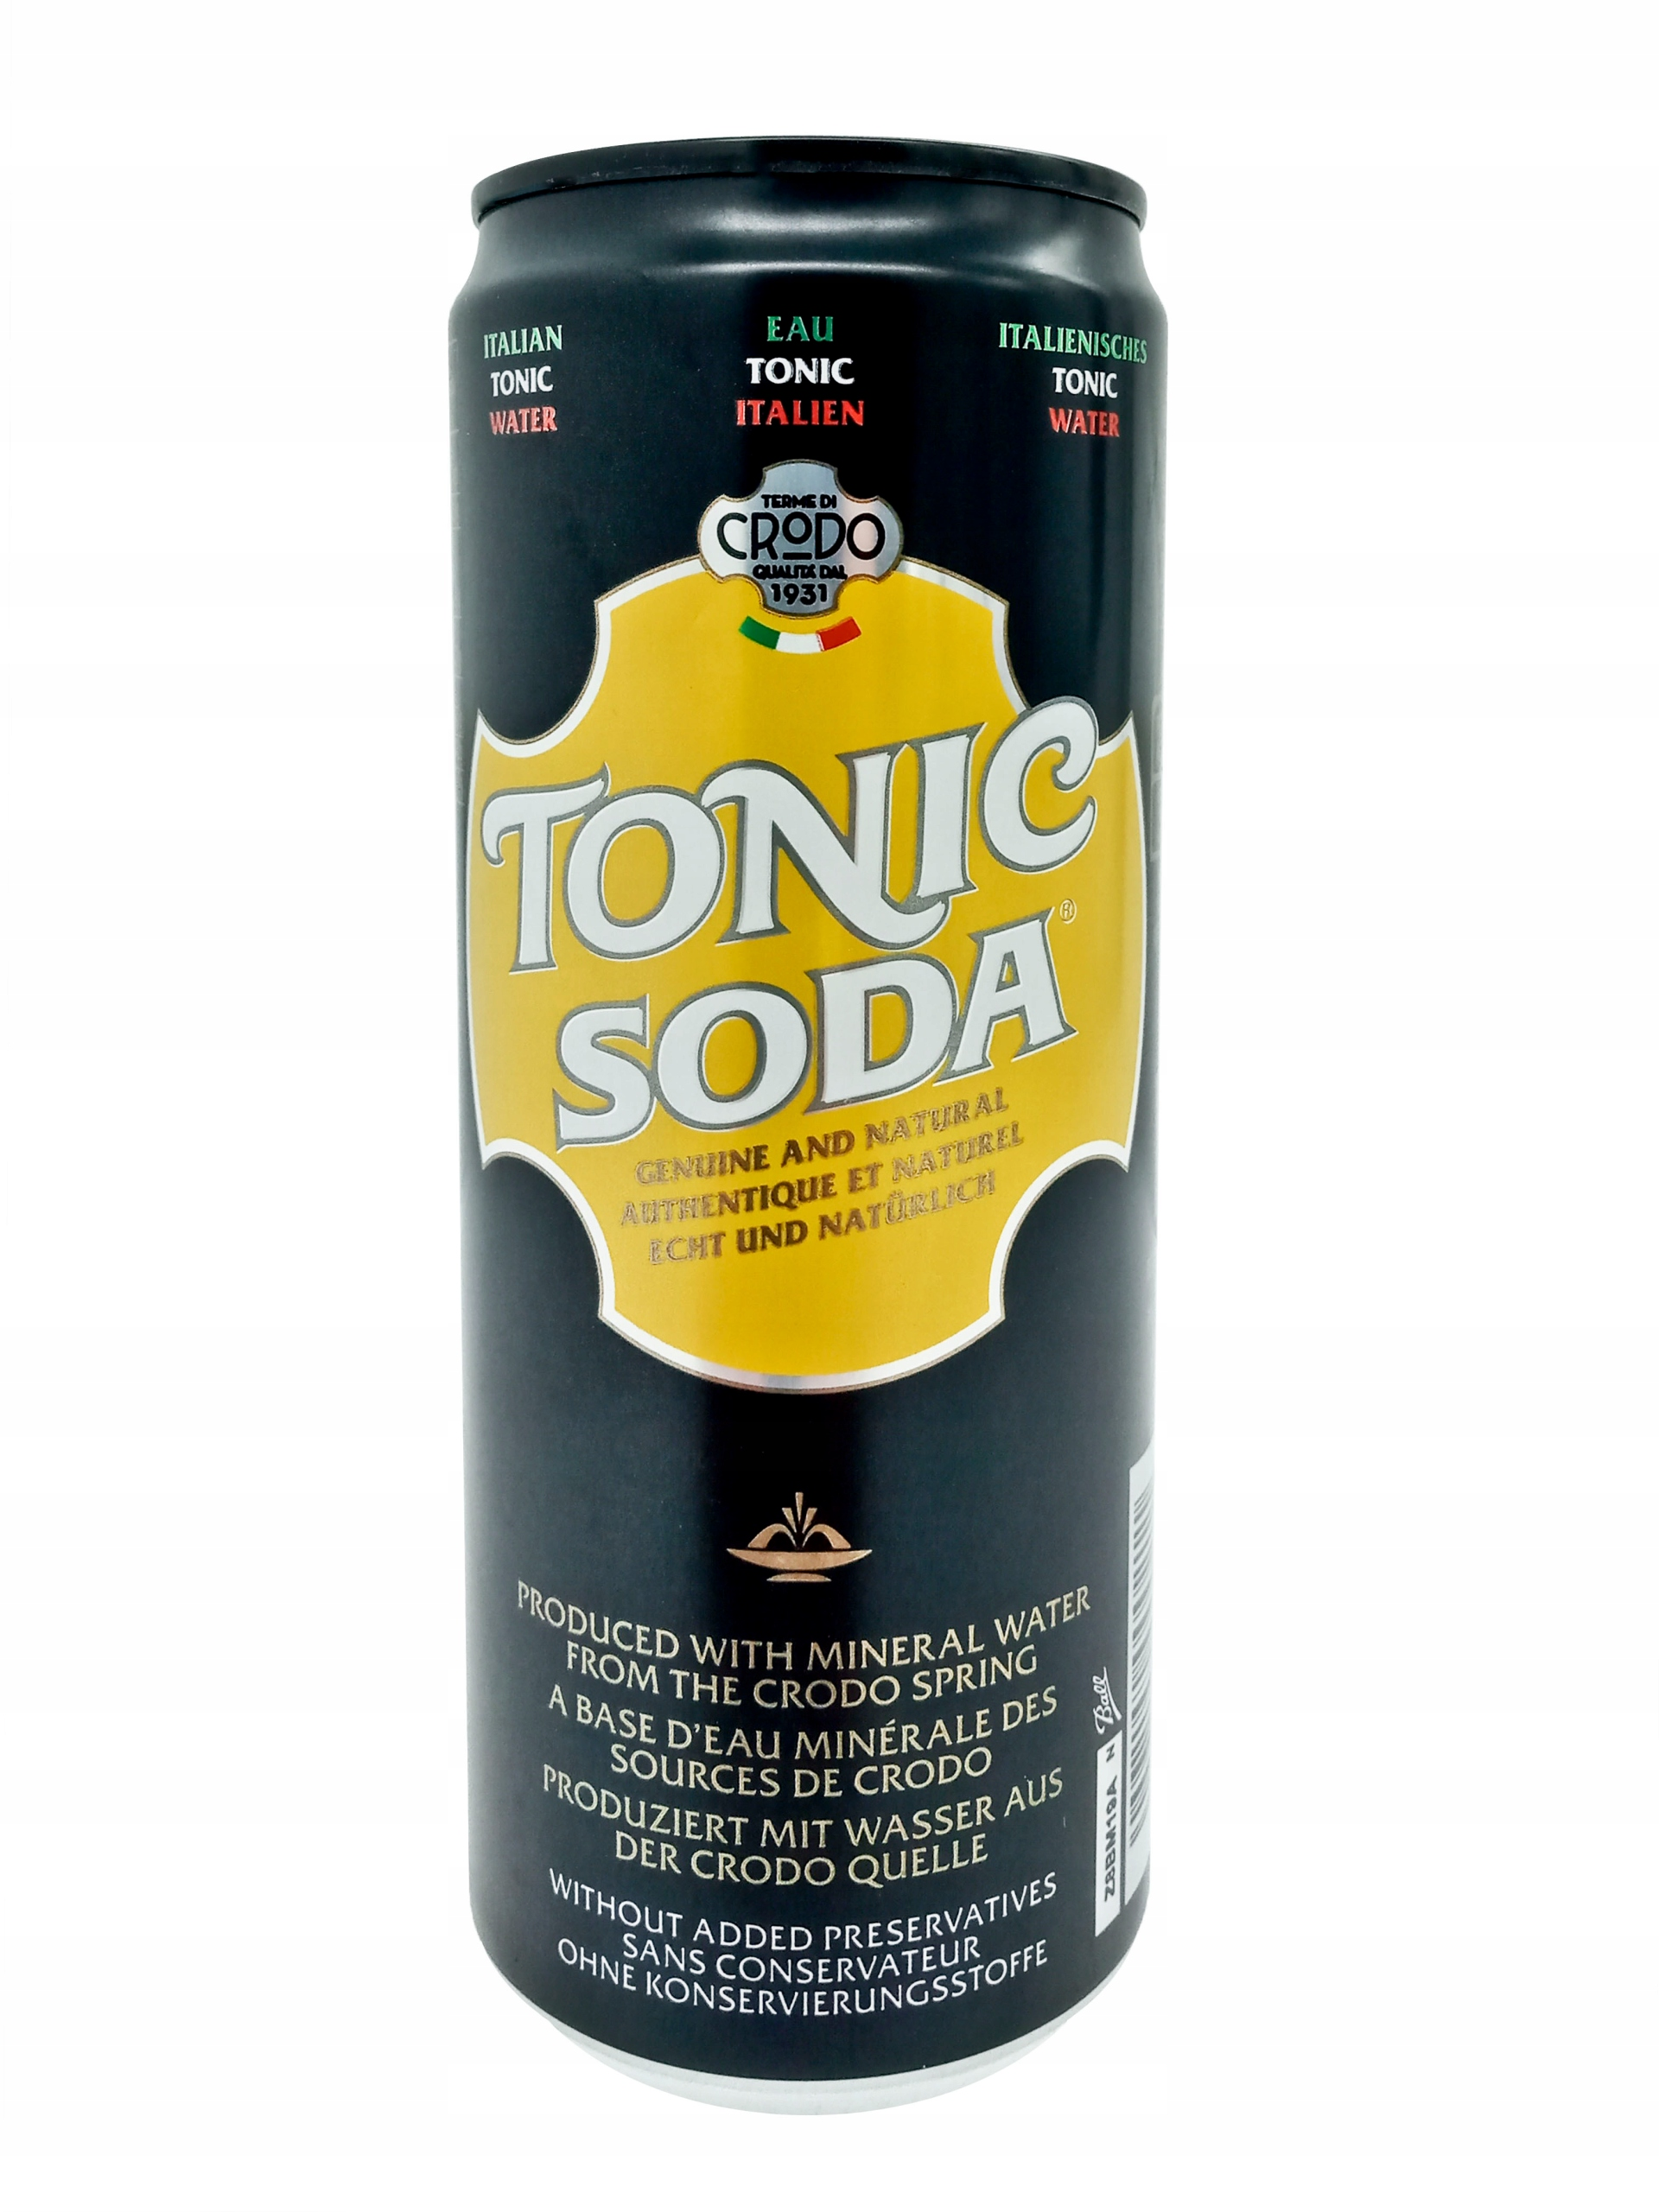 Напиток TONIC SODA 0,33л CRODO Италия освежающий